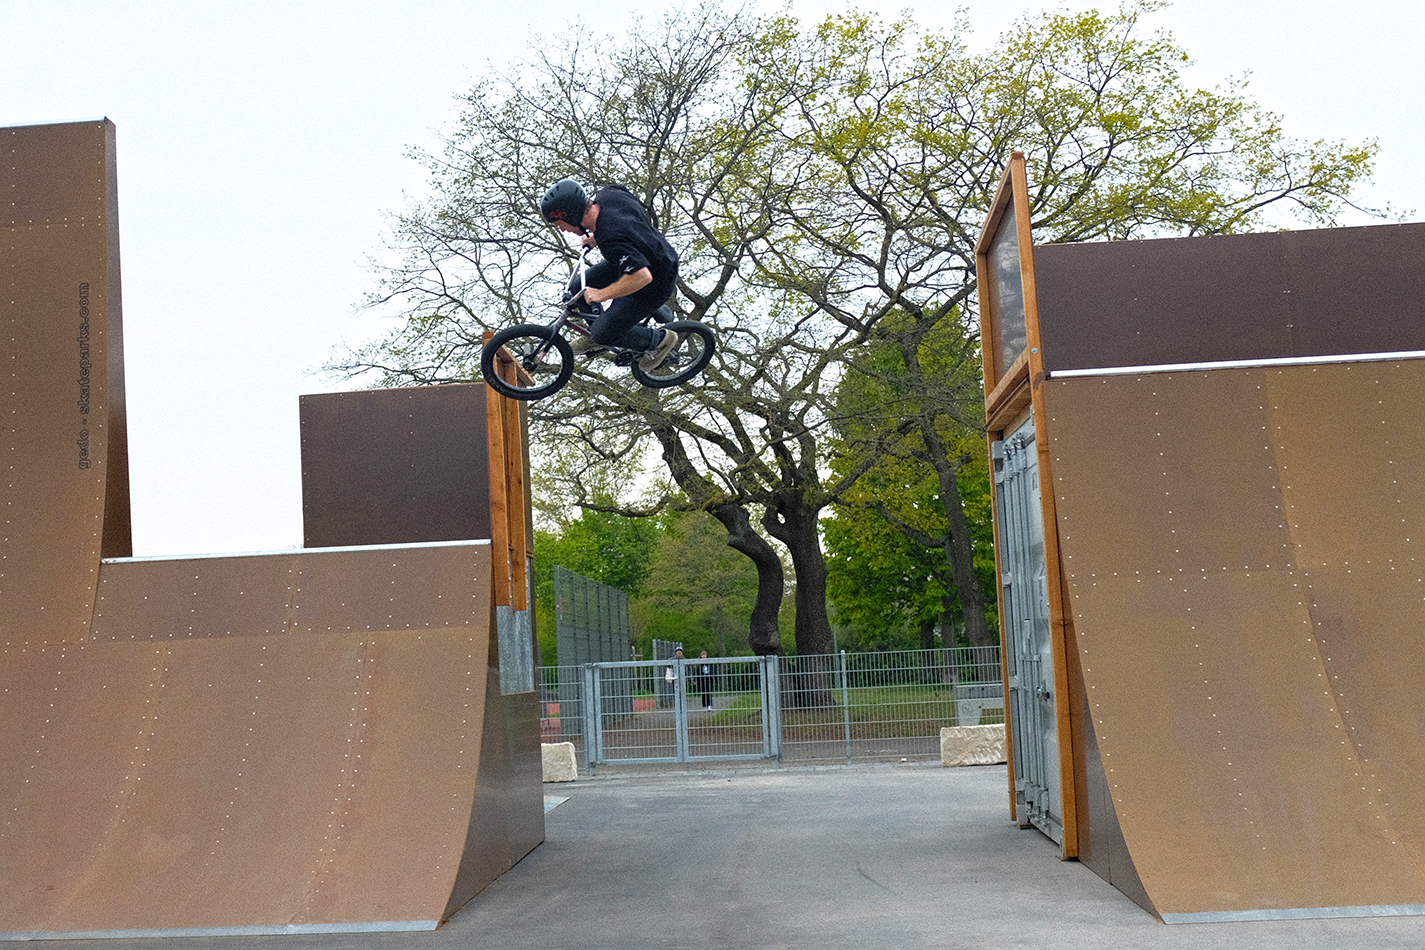 BL_Darmstadt_Bikepark_Testfahrt_Gallery_09